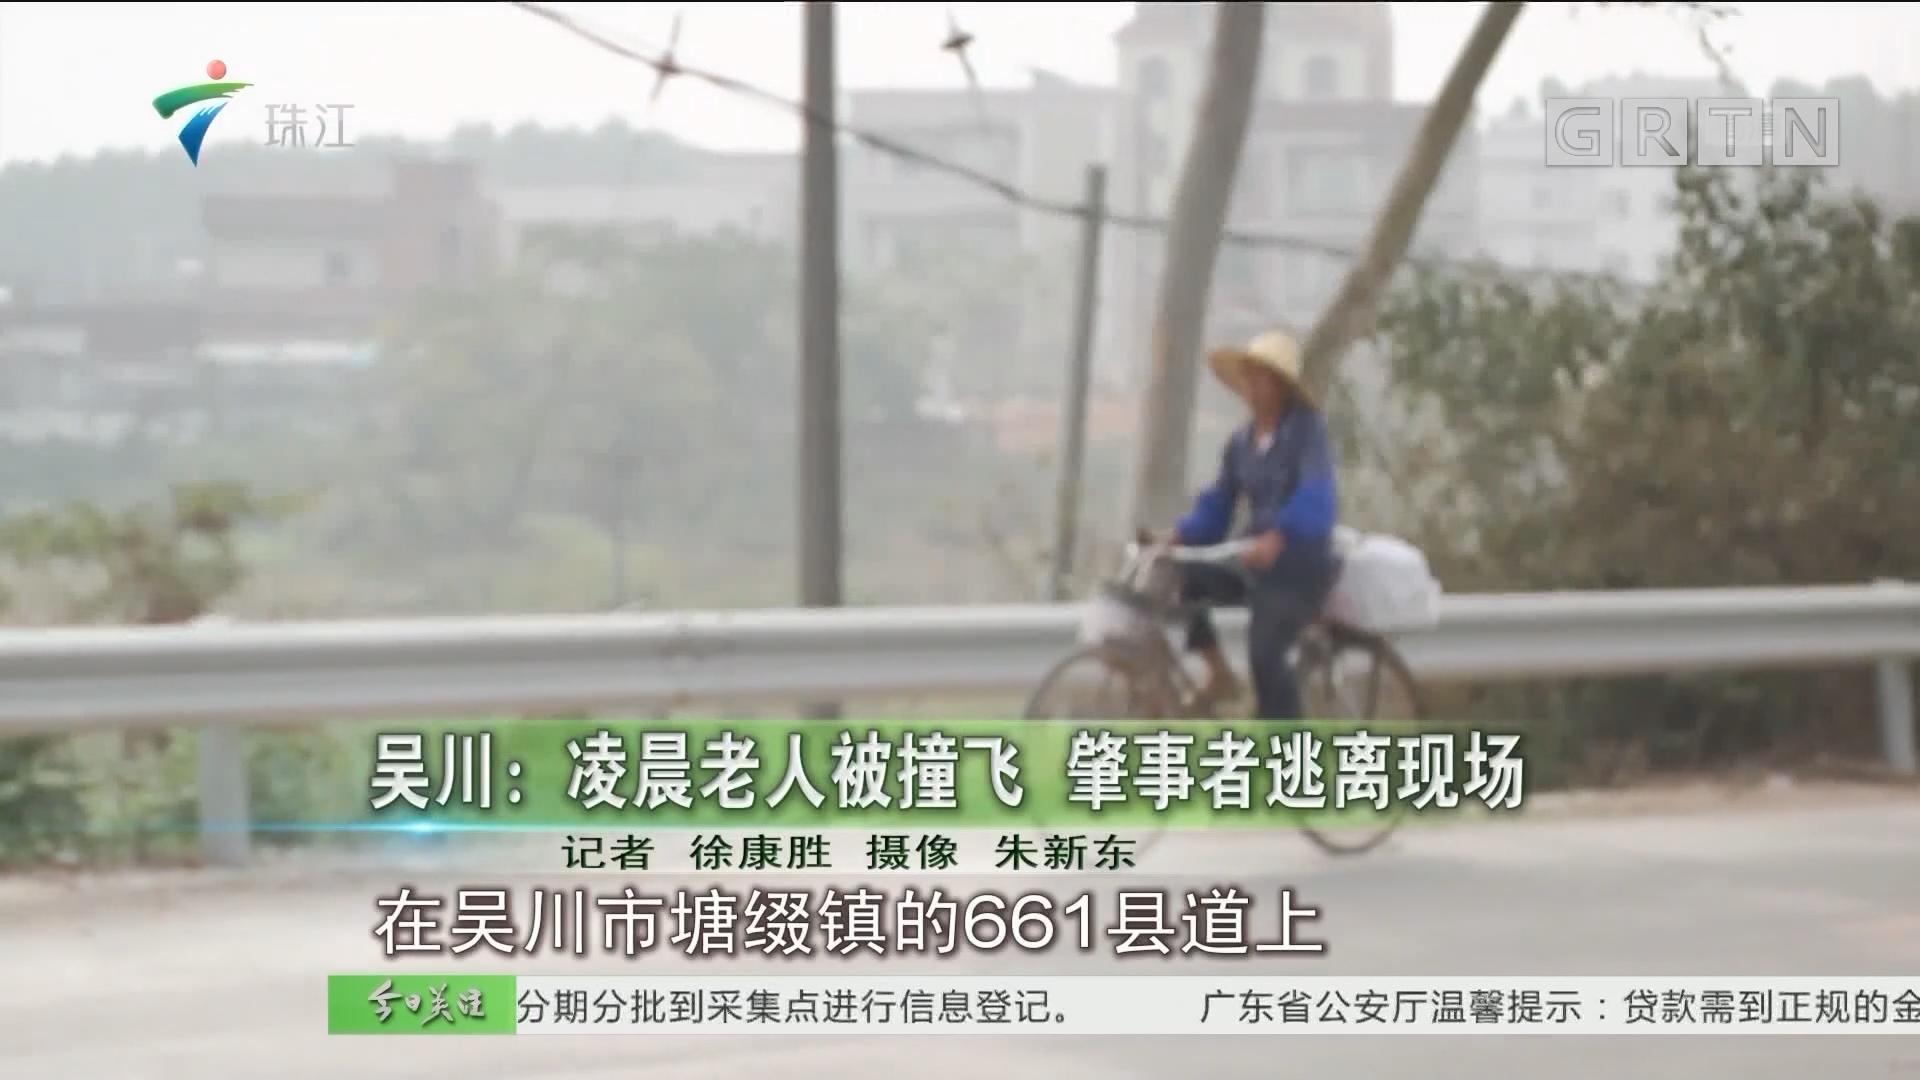 吴川:凌晨老人被撞飞 肇事者逃离现场